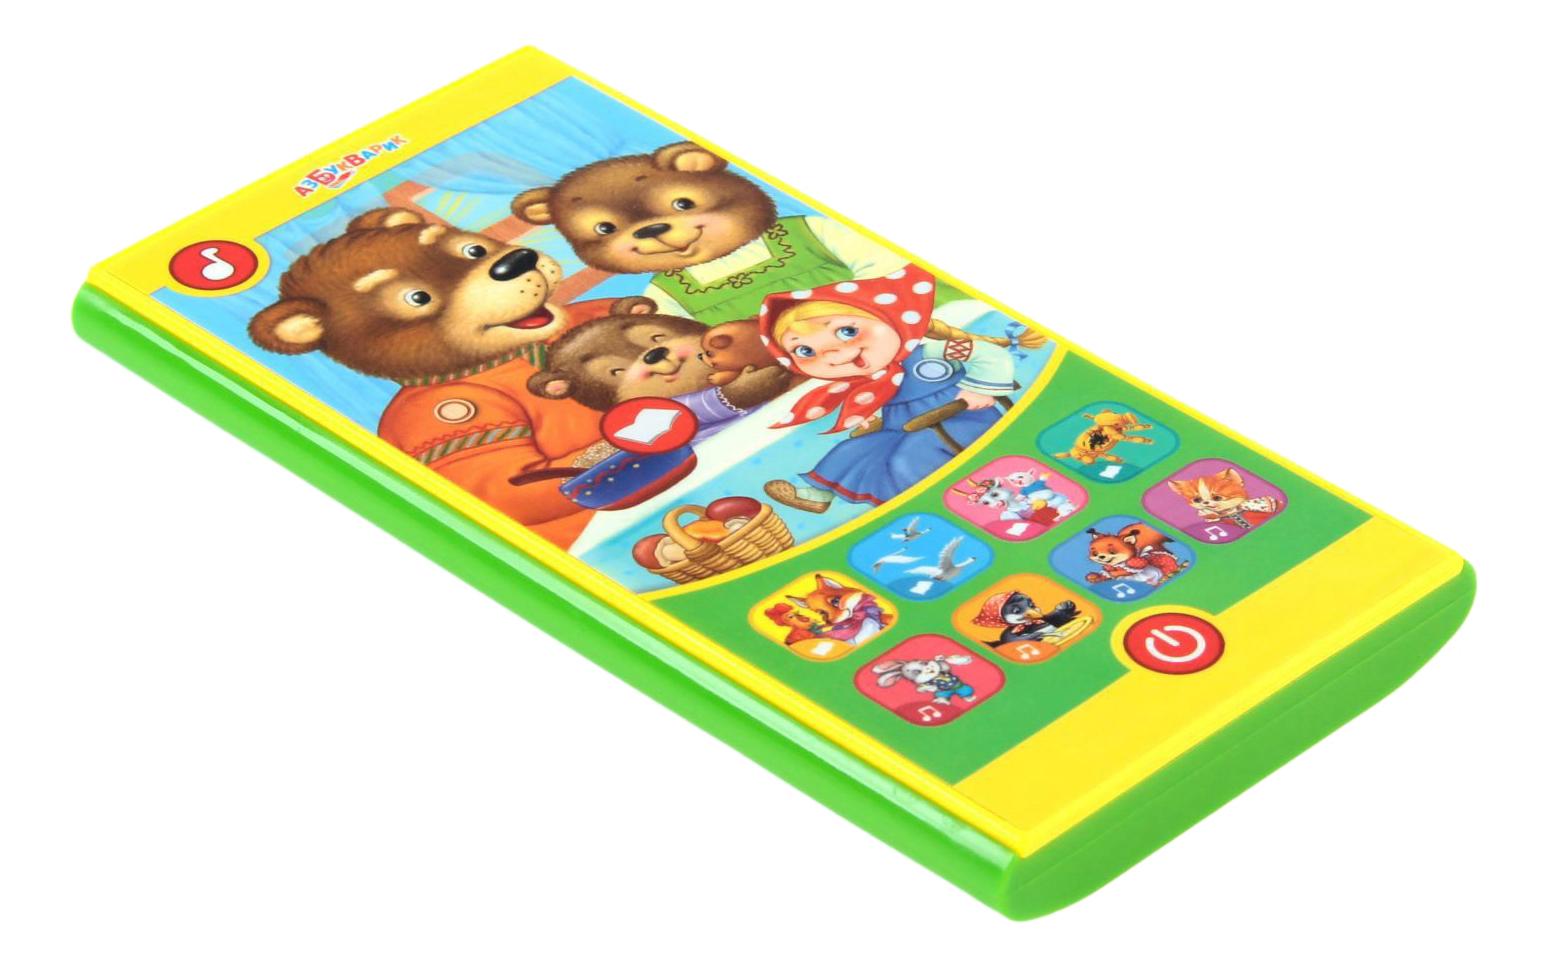 Купить Сказочка Три медведя, Детский гаджет Азбукварик смартфончик сказочка -Три медведя, Детские гаджеты